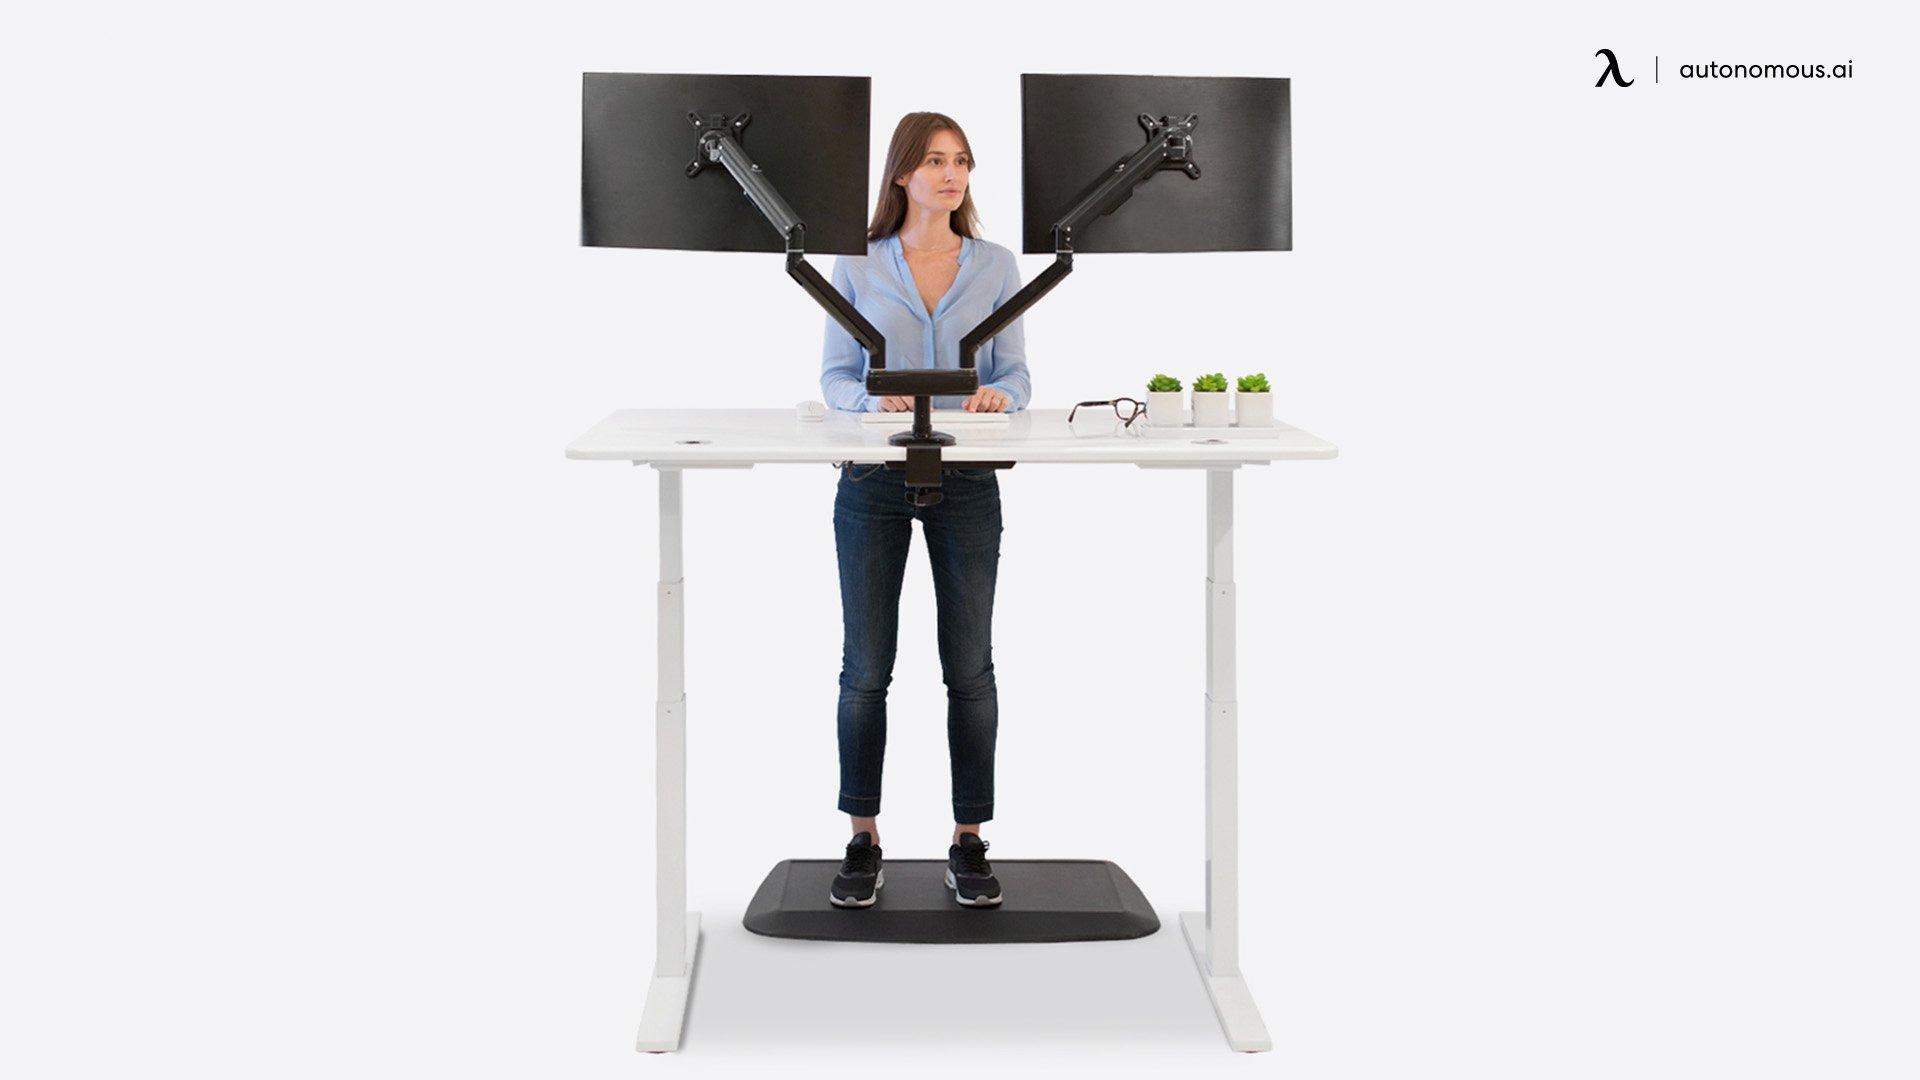 SmartDesk: Better than a Desk Converter